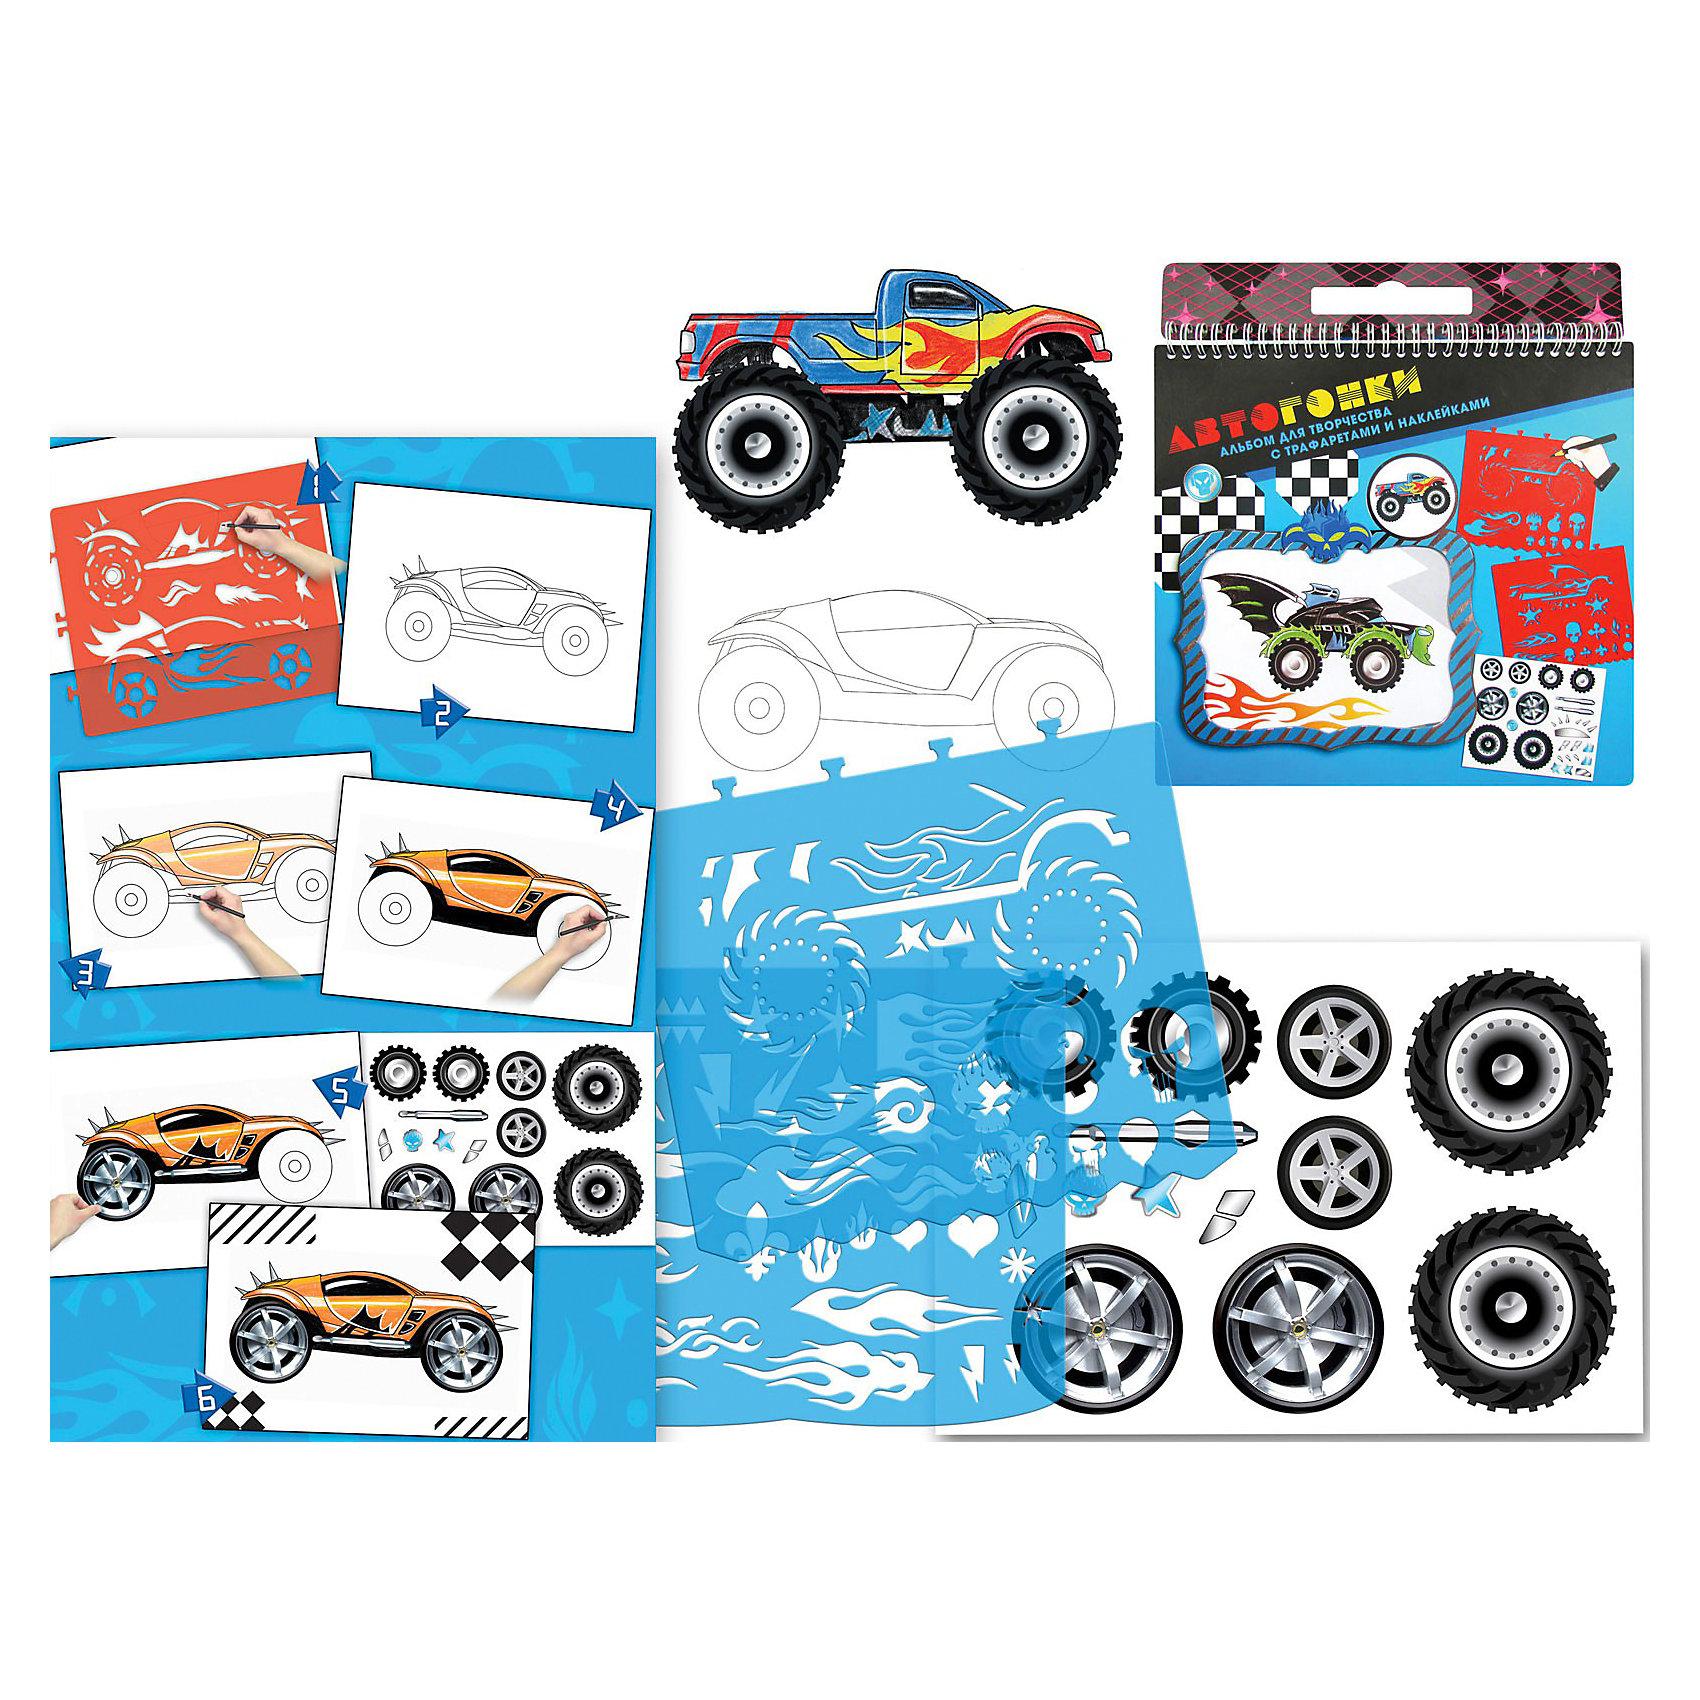 TUKZAR Альбом для творчества Автогонки с трафаретами и наклейками, TUKZAR санни модный дизайн альбом для творчества